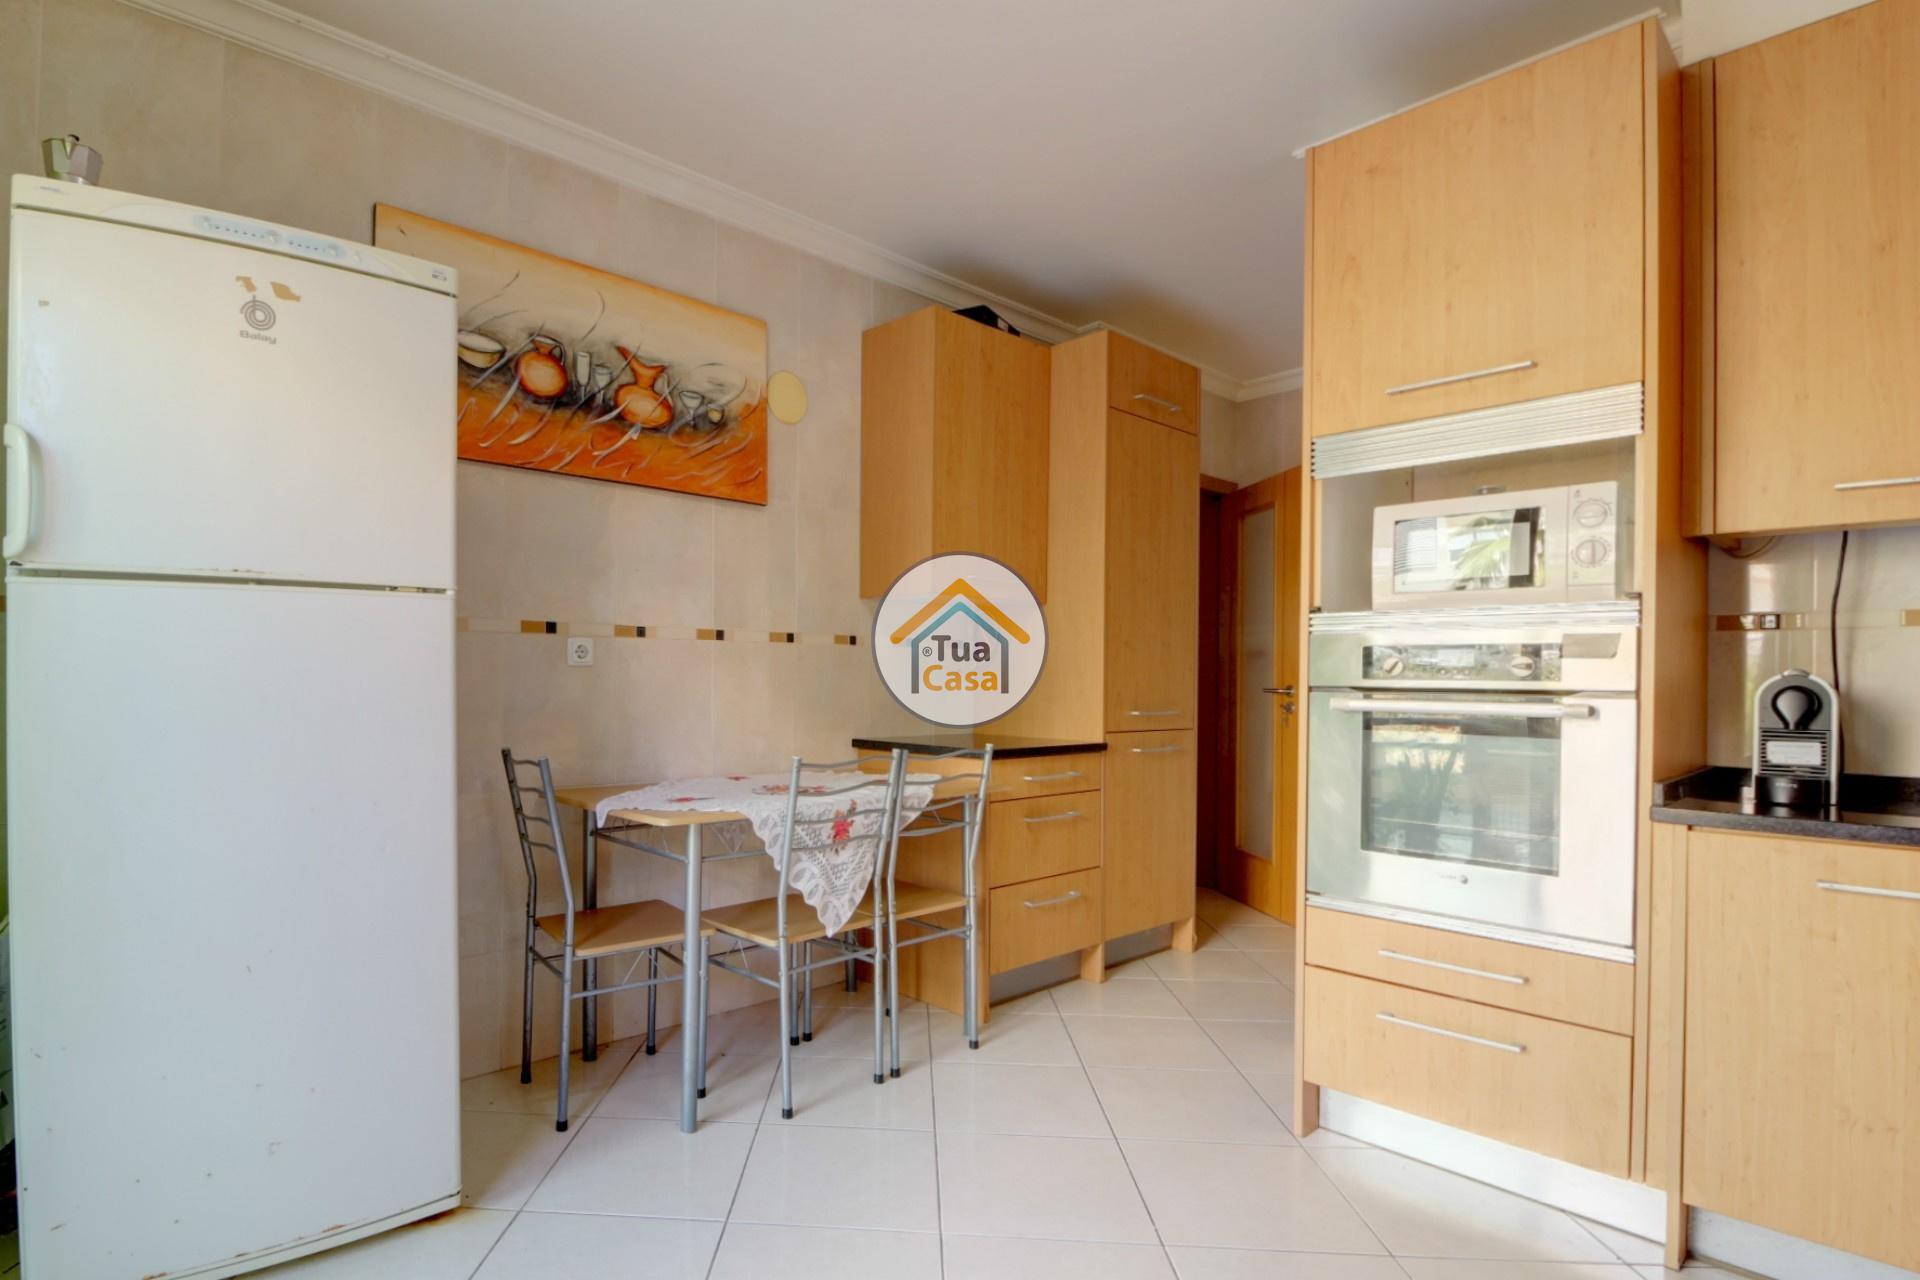 apartamento-quinta-joao-de-ourem-t2-garagem-estacionamento-rc-varanda-quintal (2)